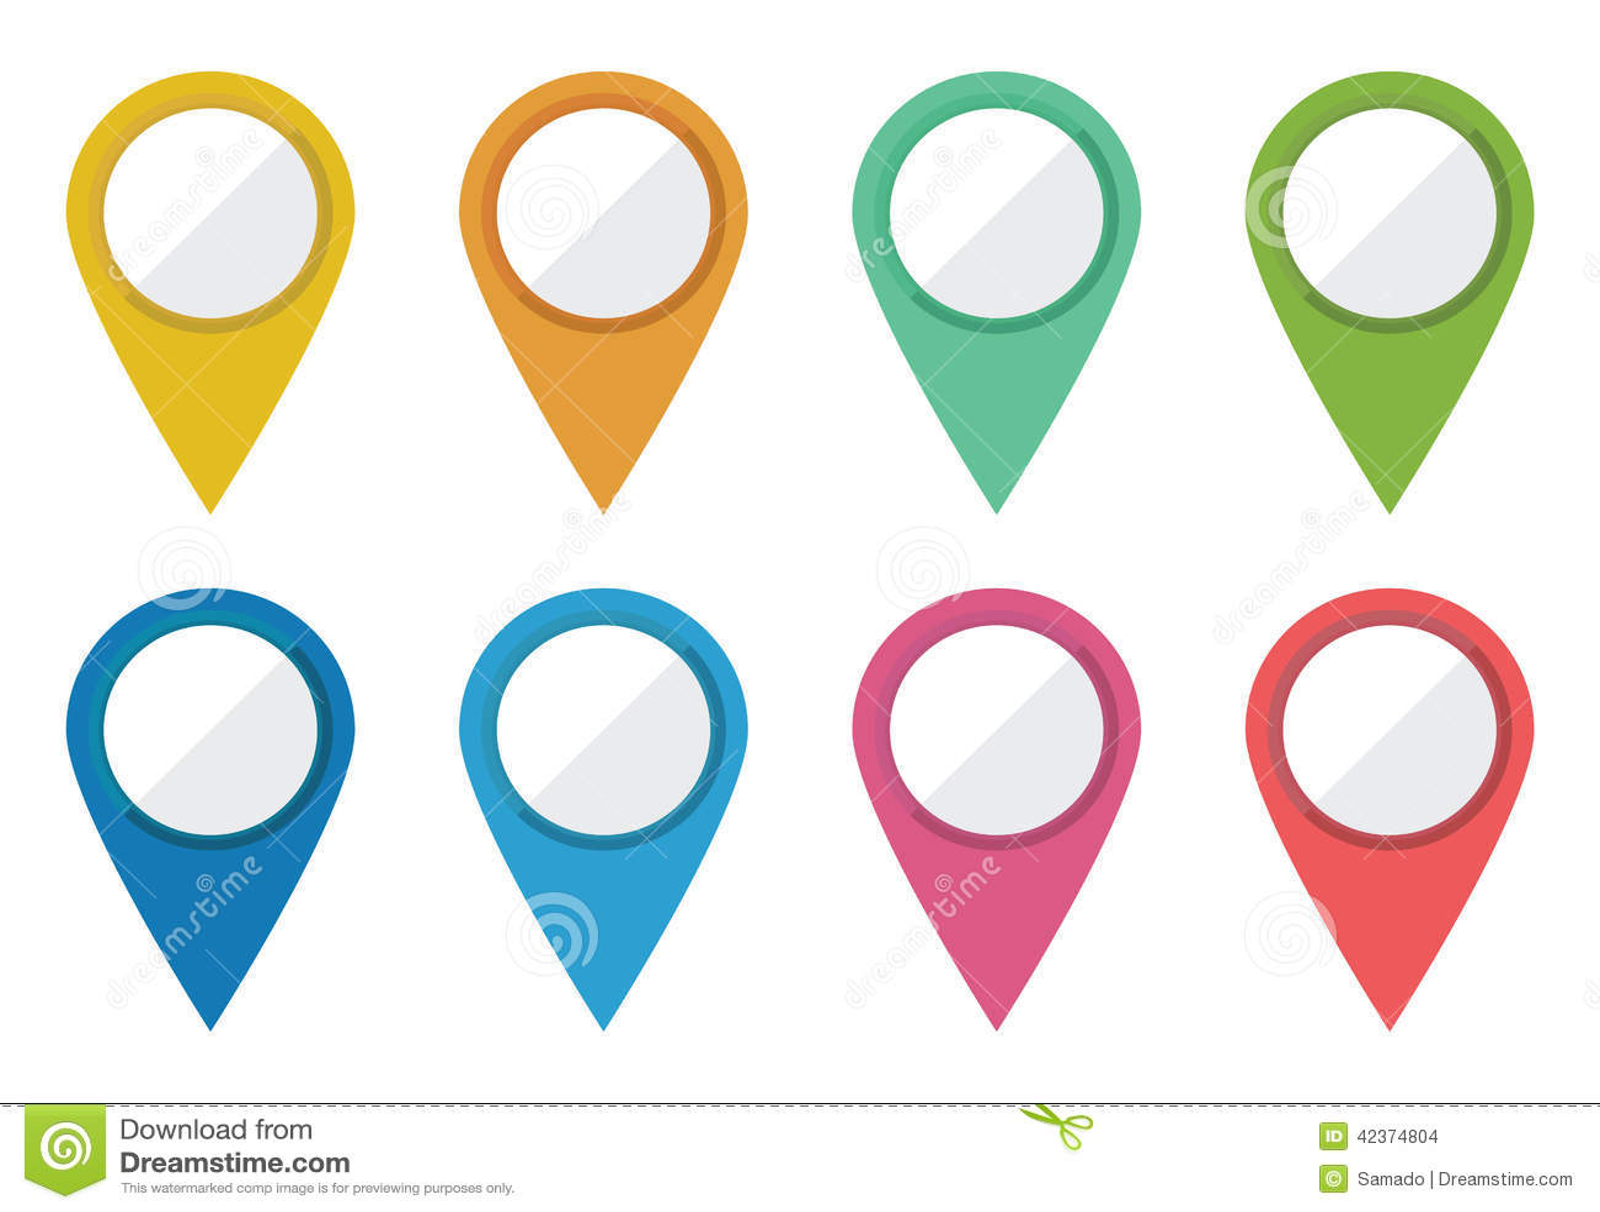 Mapa Plano Con Pin Icono De Puntero De La: Punteros De La Localización Ilustración Del Vector